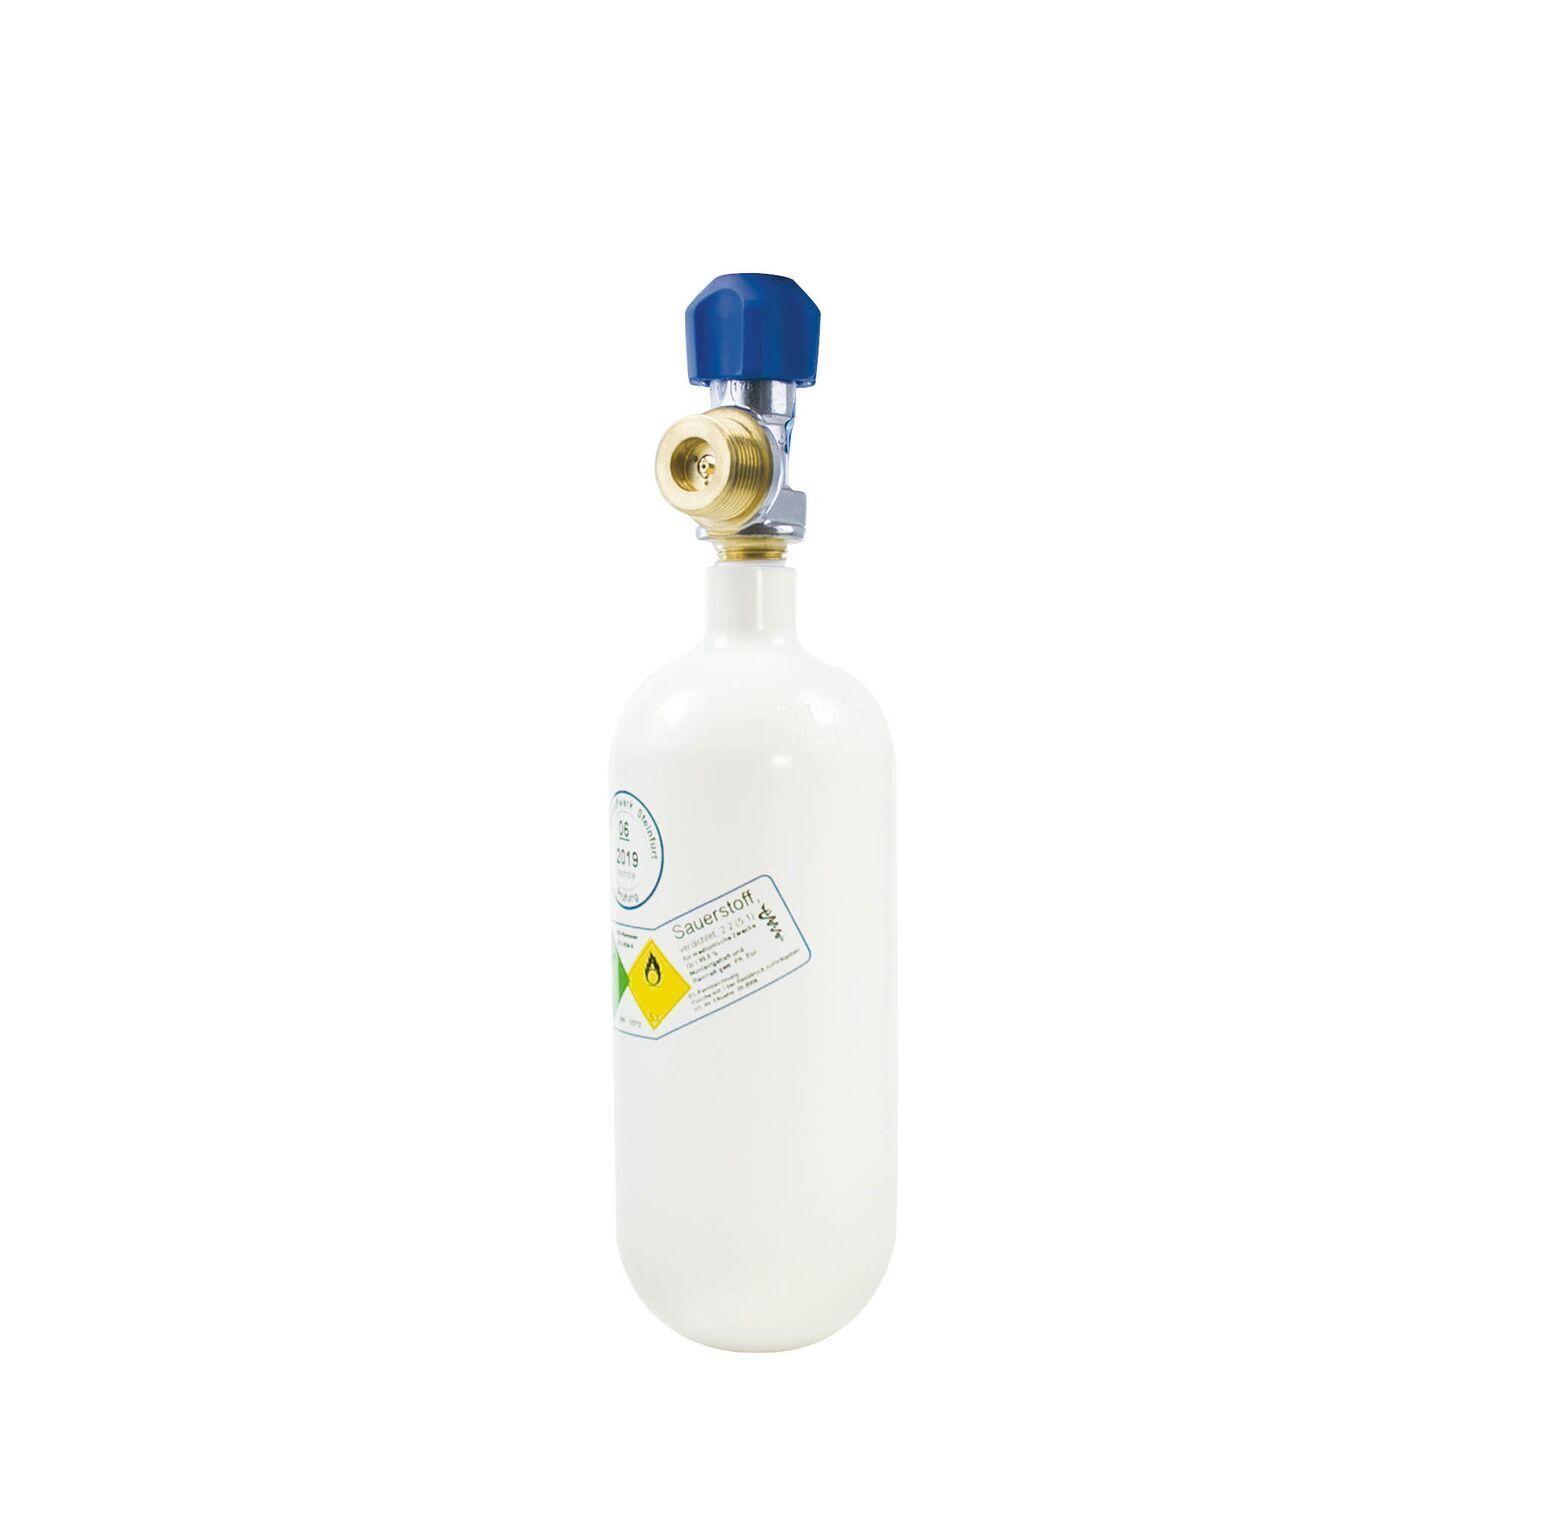 Sauerstoffflasche 0,8 l (Oxygen für Druckminderer Arzt Praxis Taucher Notfall)